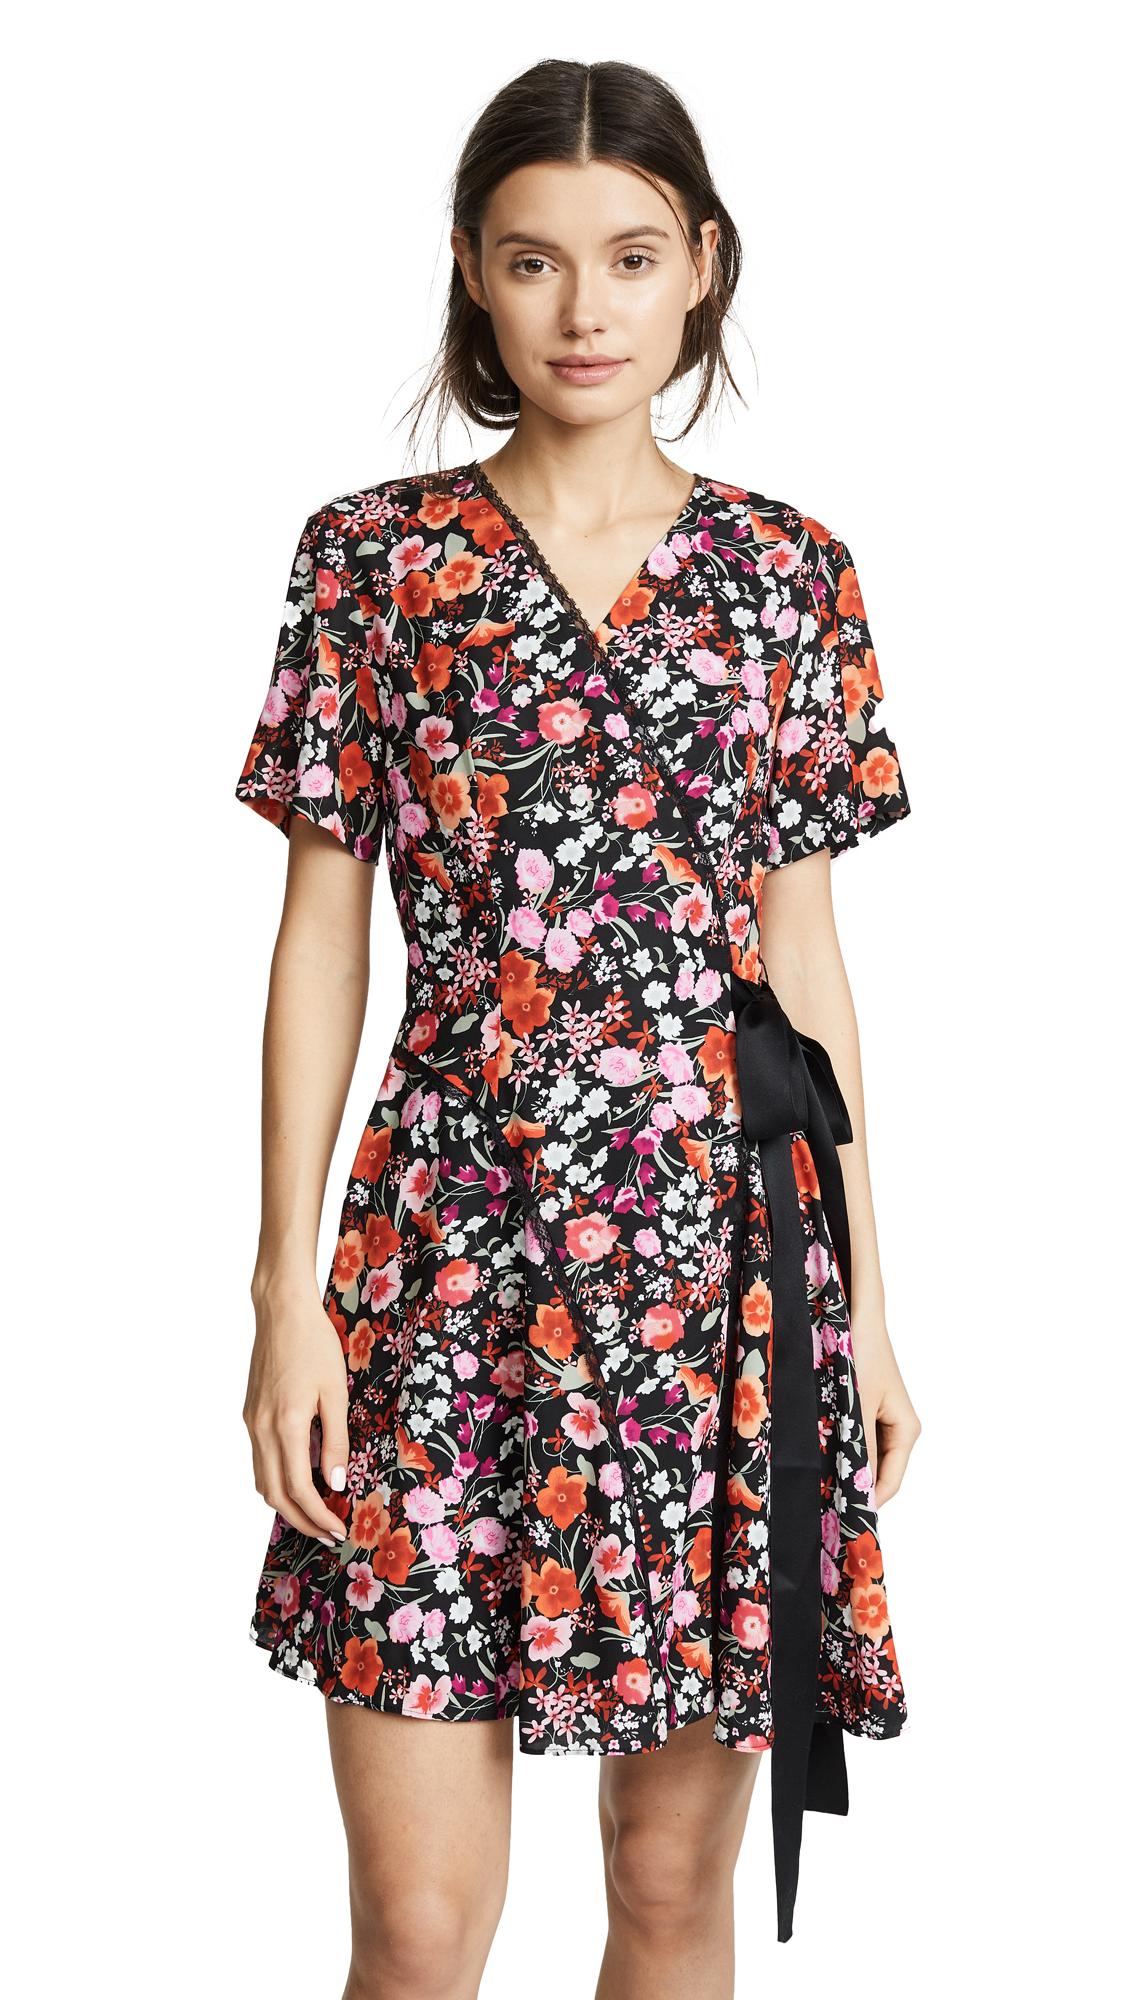 GOEN.J Paneled Wrap Dress In Multi